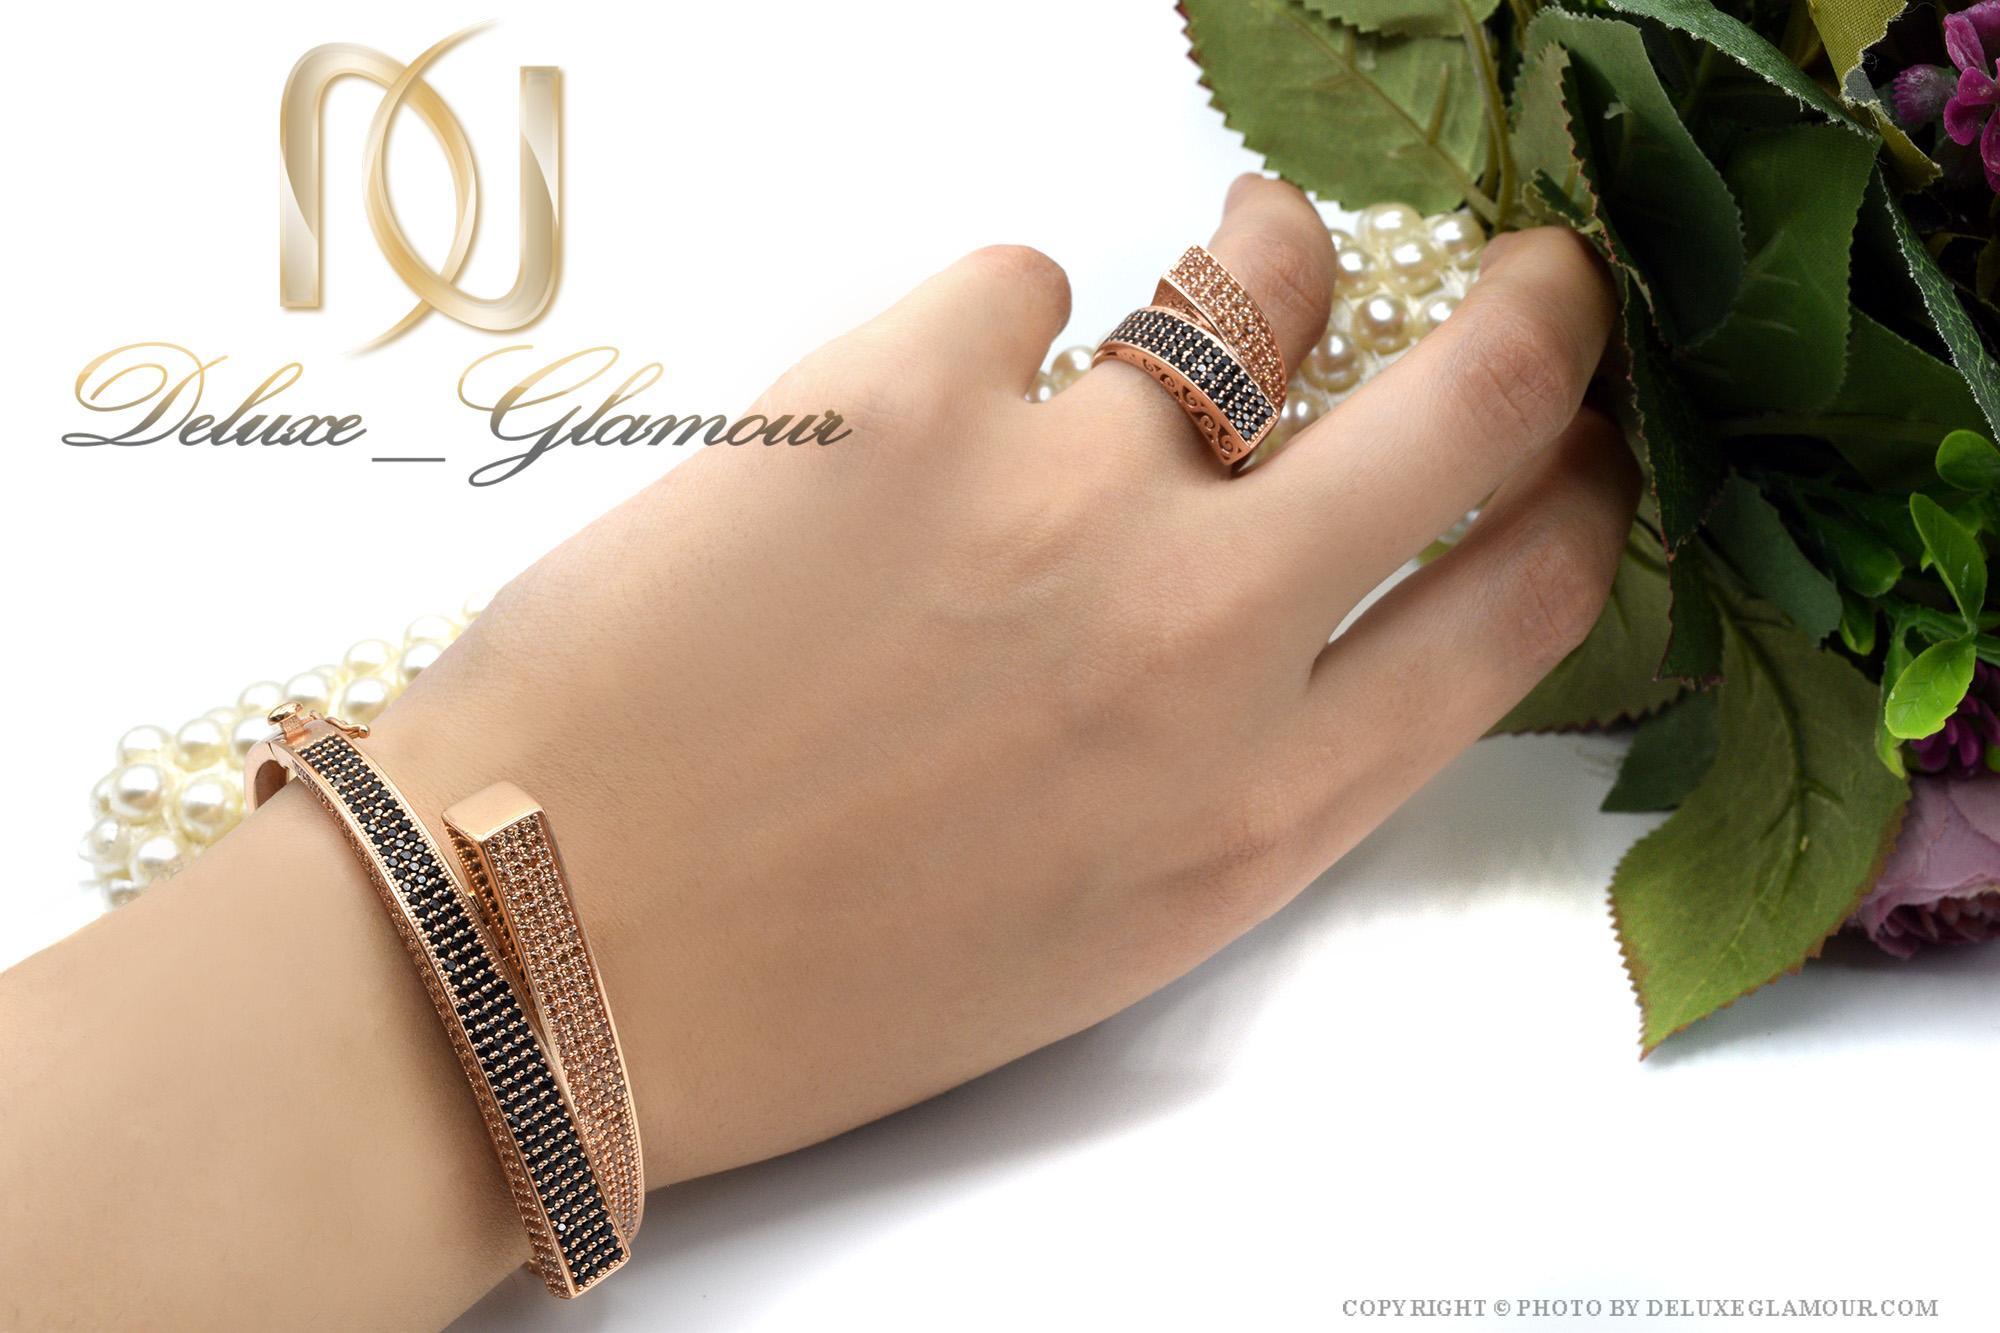 ست دستبند و انگشتر نقره رزگلد ns-n412 از نمای روی دست